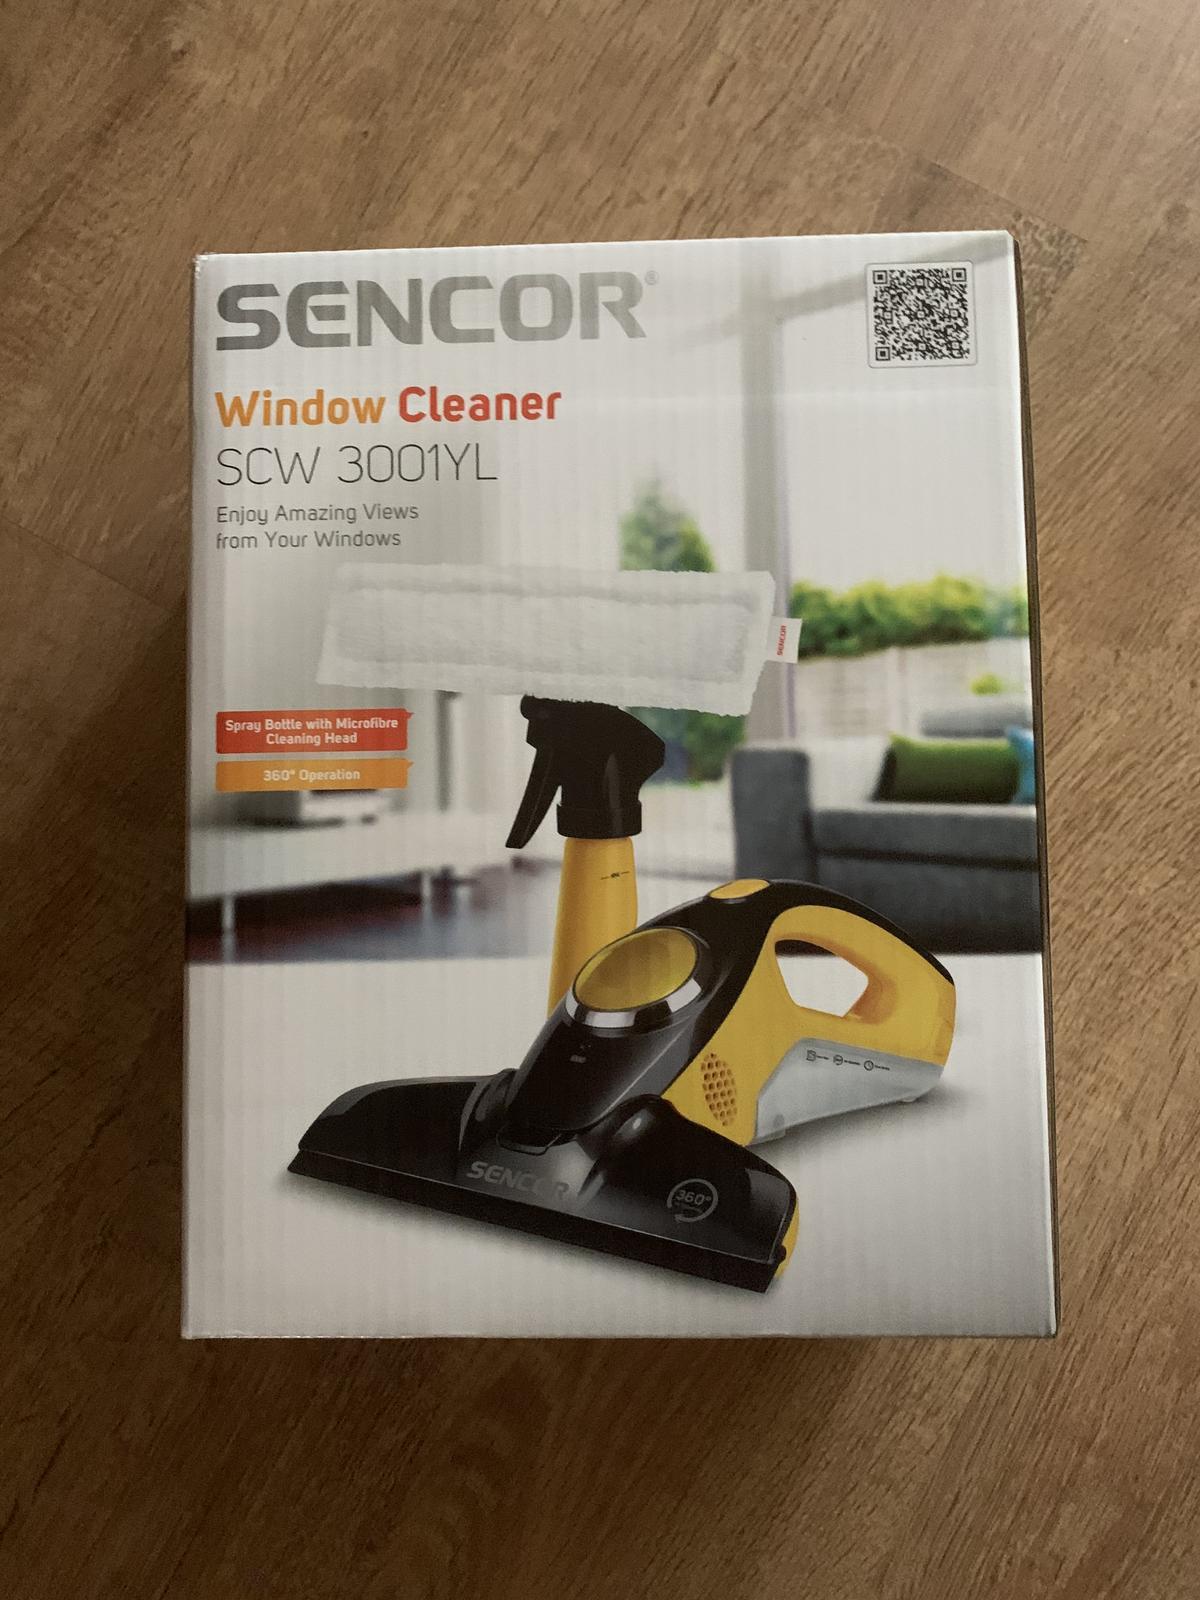 Sencor Winrow Cleaner SCW 3001YL - Obrázok č. 1